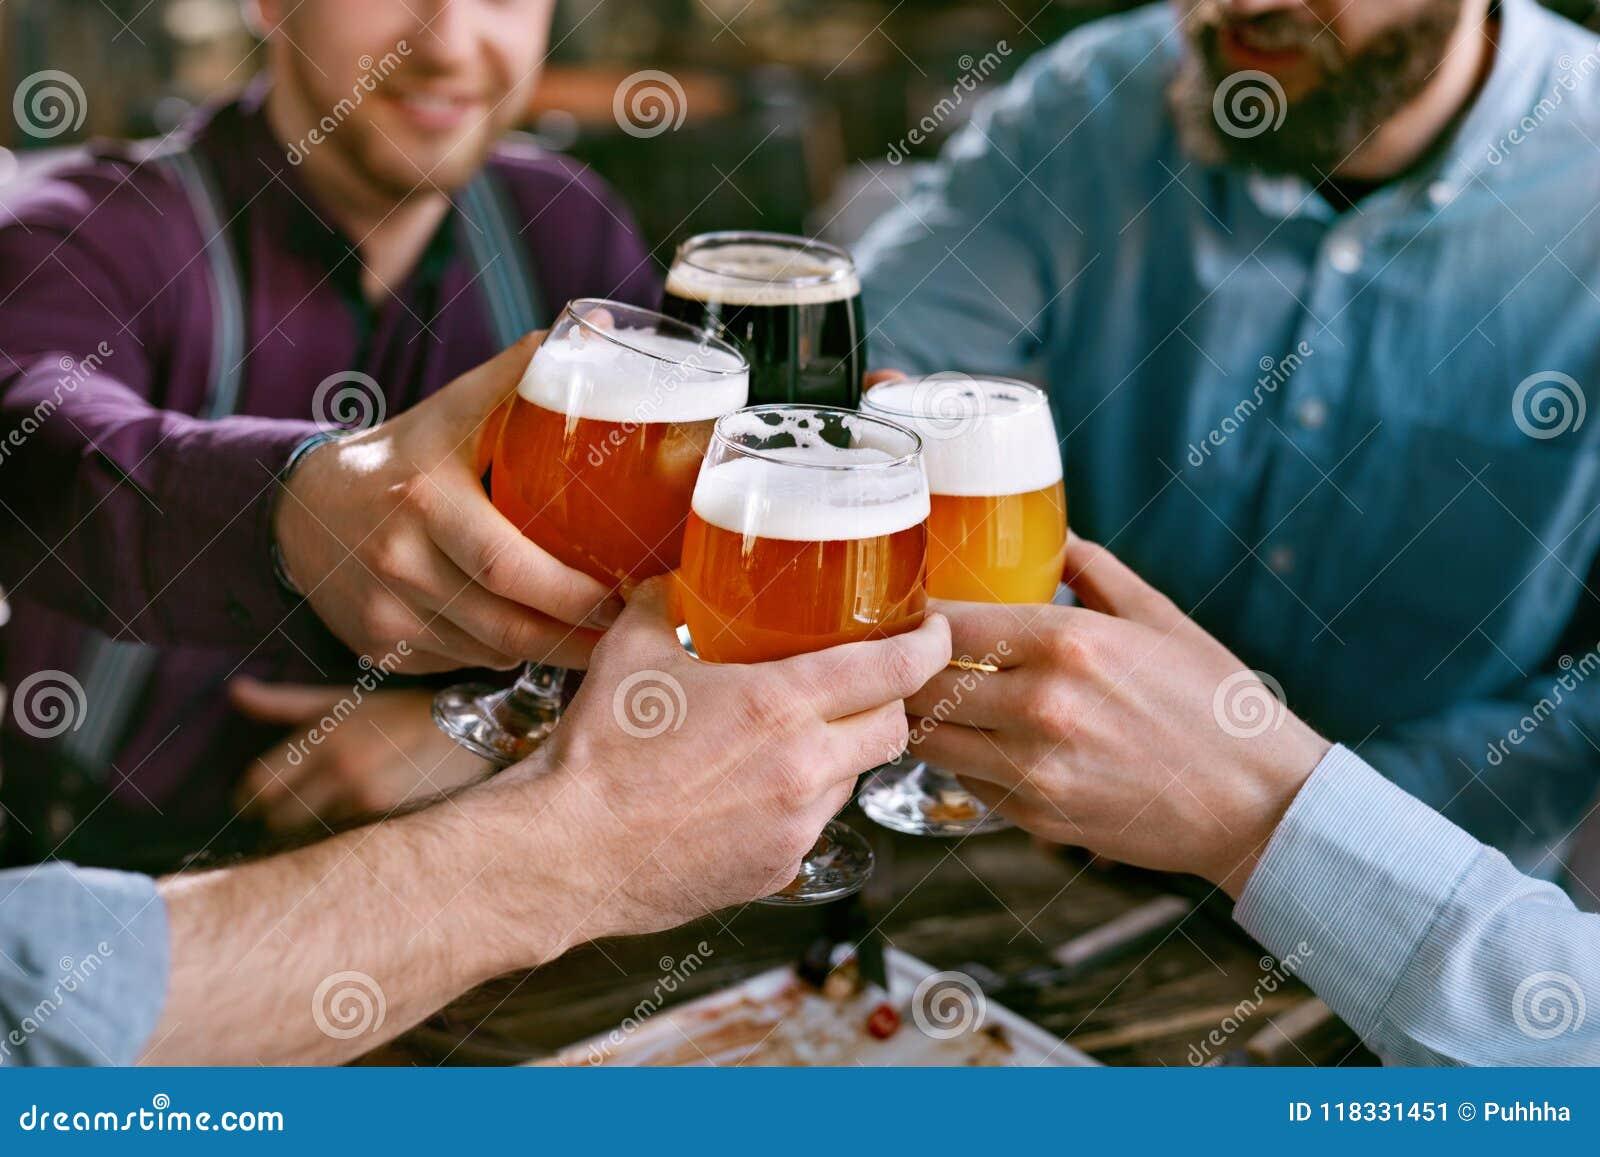 啤酒喝 培养杯啤酒的朋友